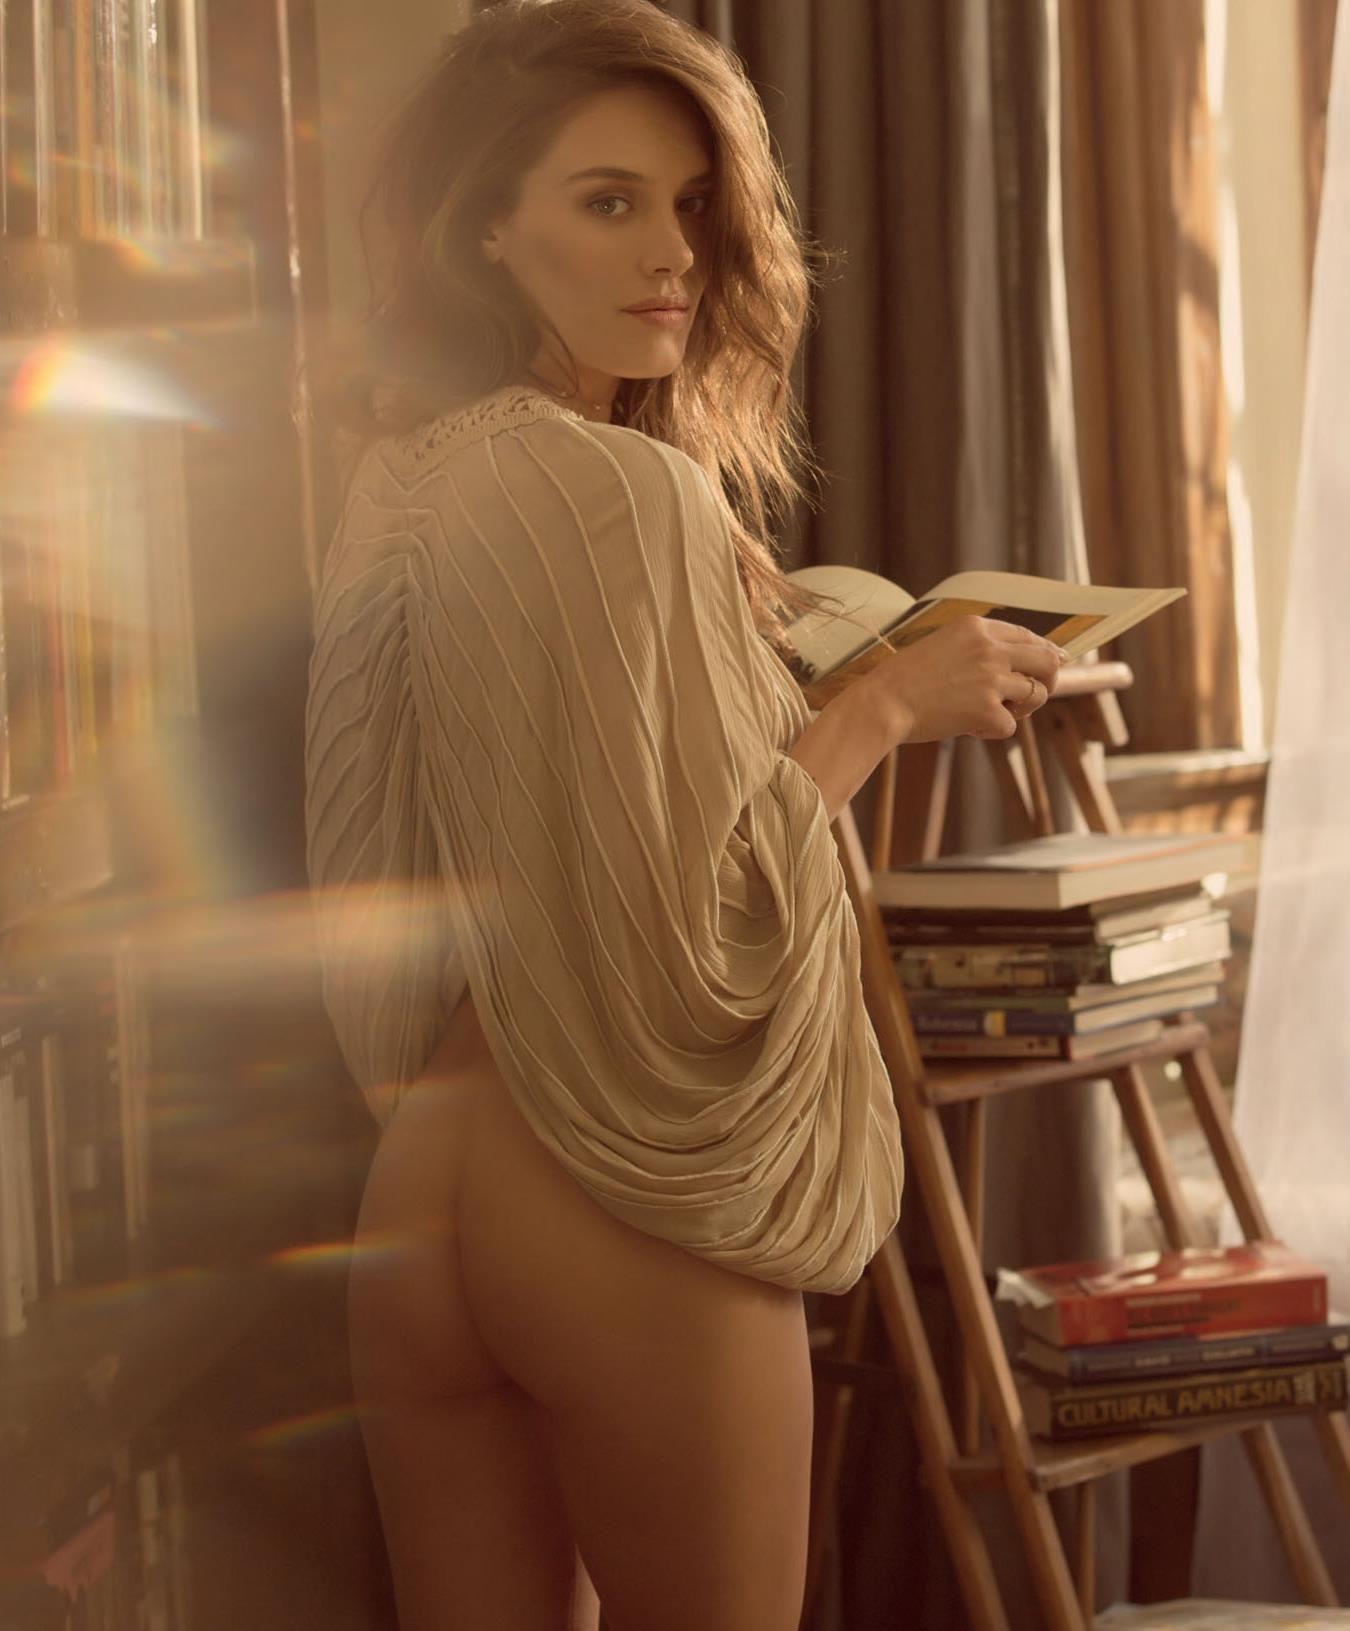 Kayla Jean Garvin nude (79 fotos) Is a cute, 2017, bra